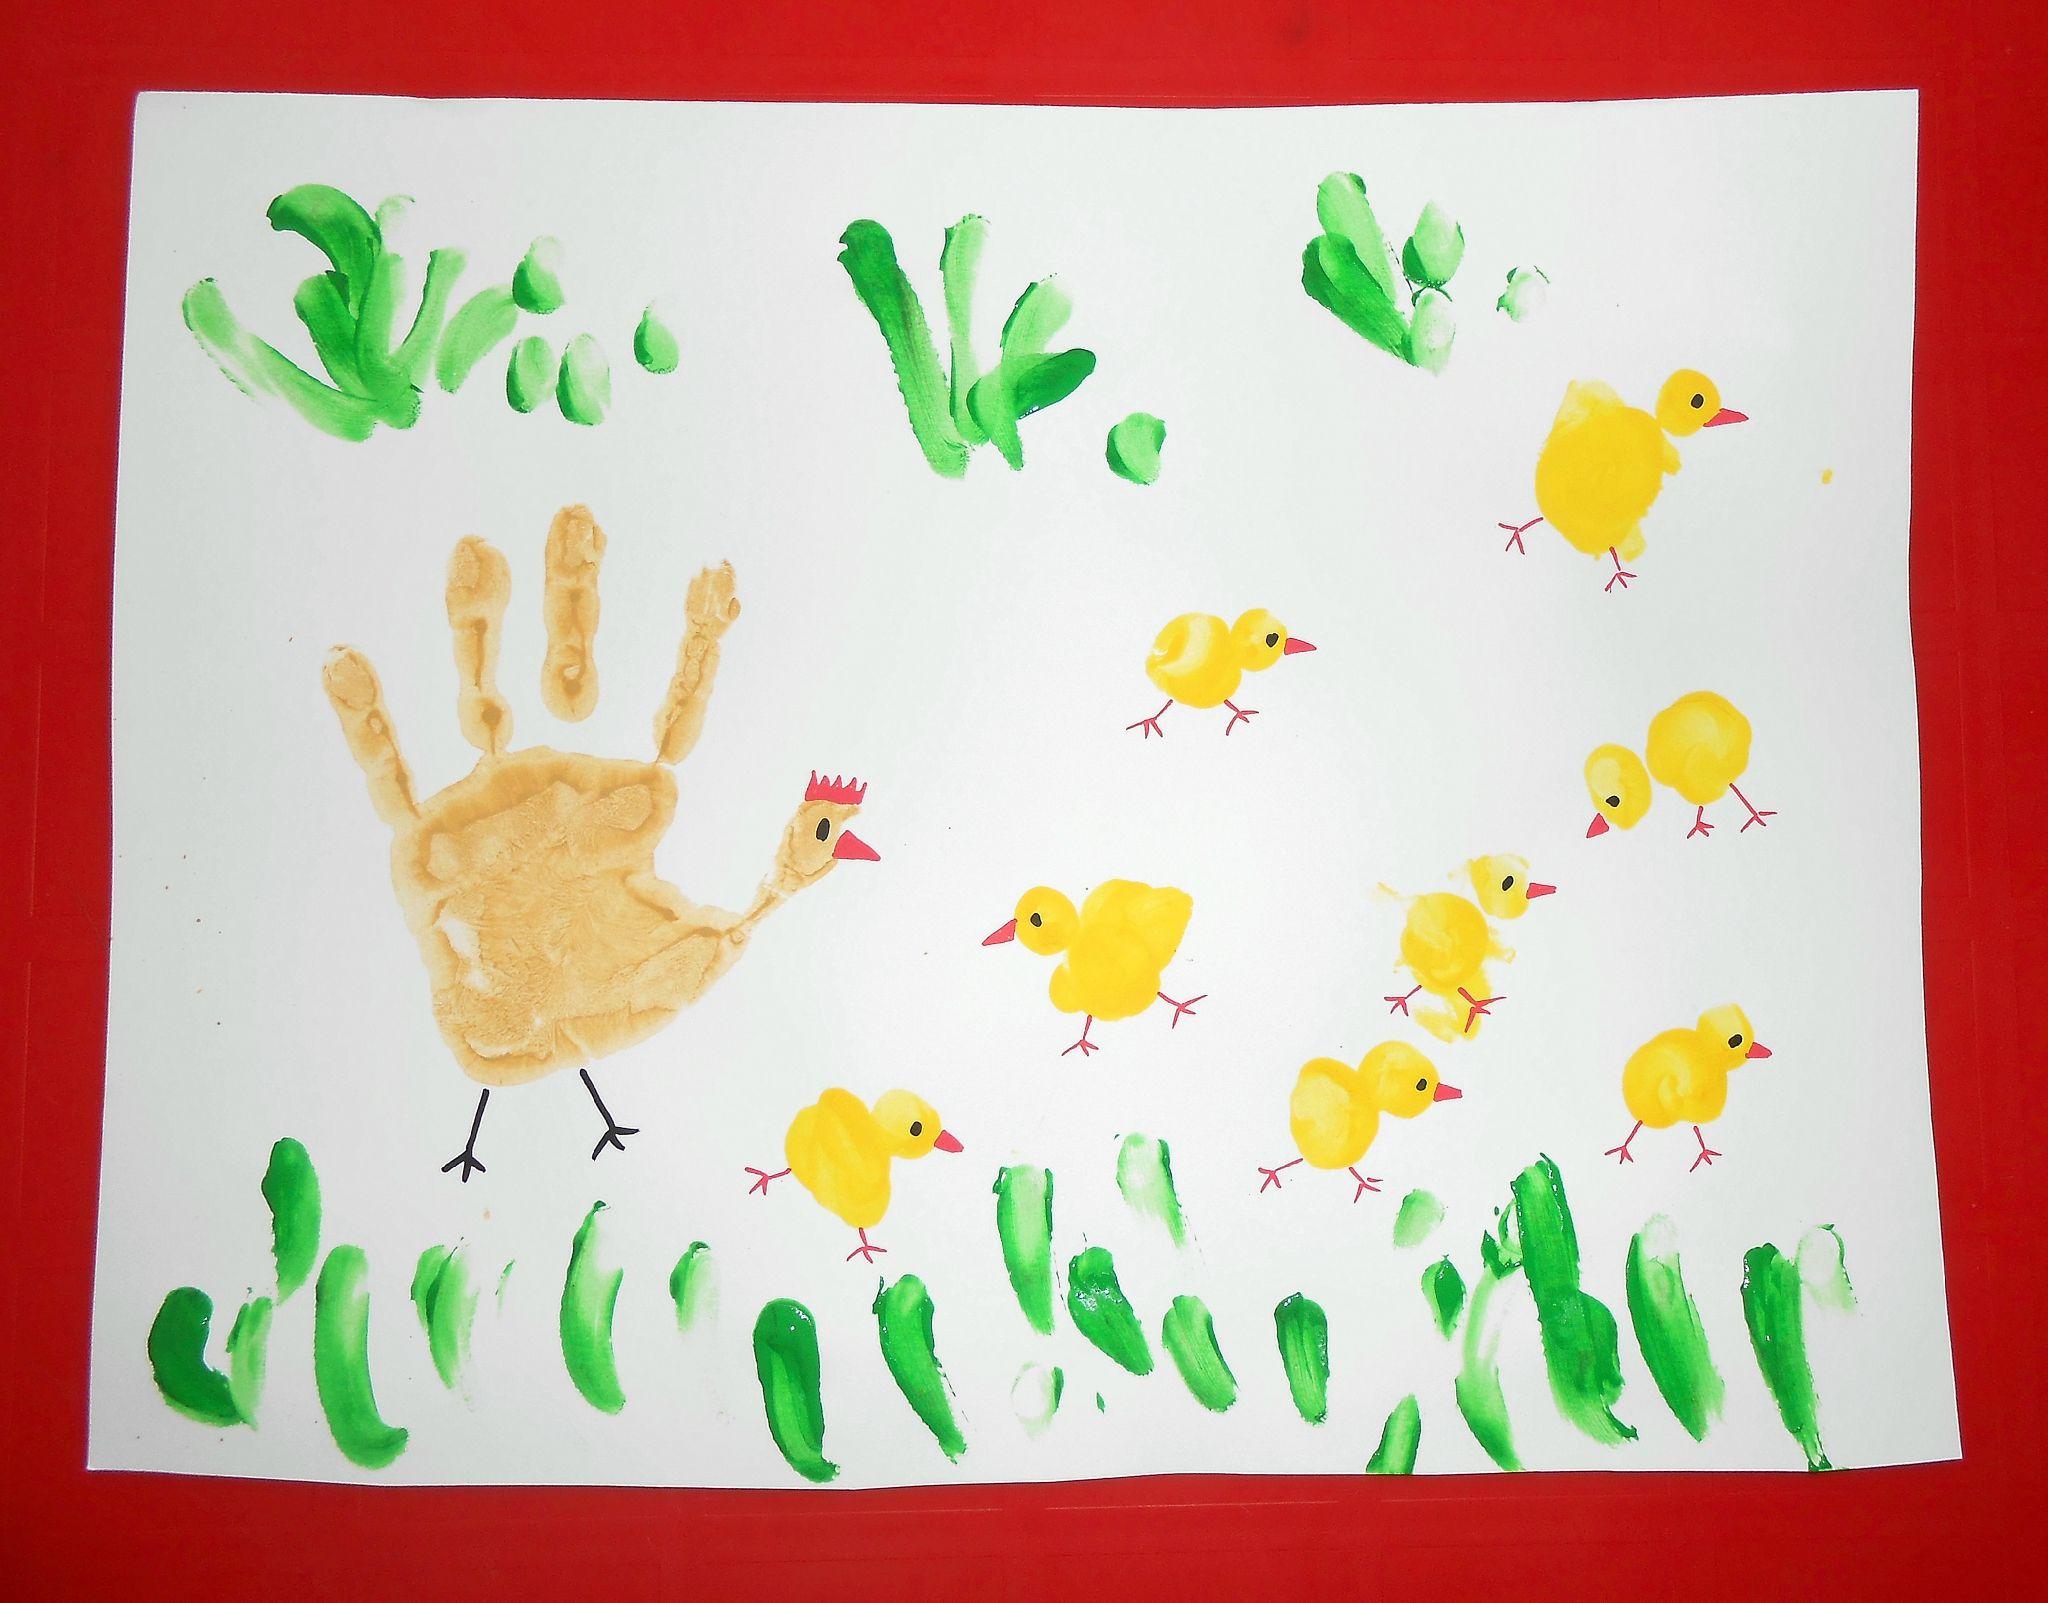 Empreintes activite manuelle peinture bebe enfants mains poule poussins facile paques tableau - Peinture main enfant ...